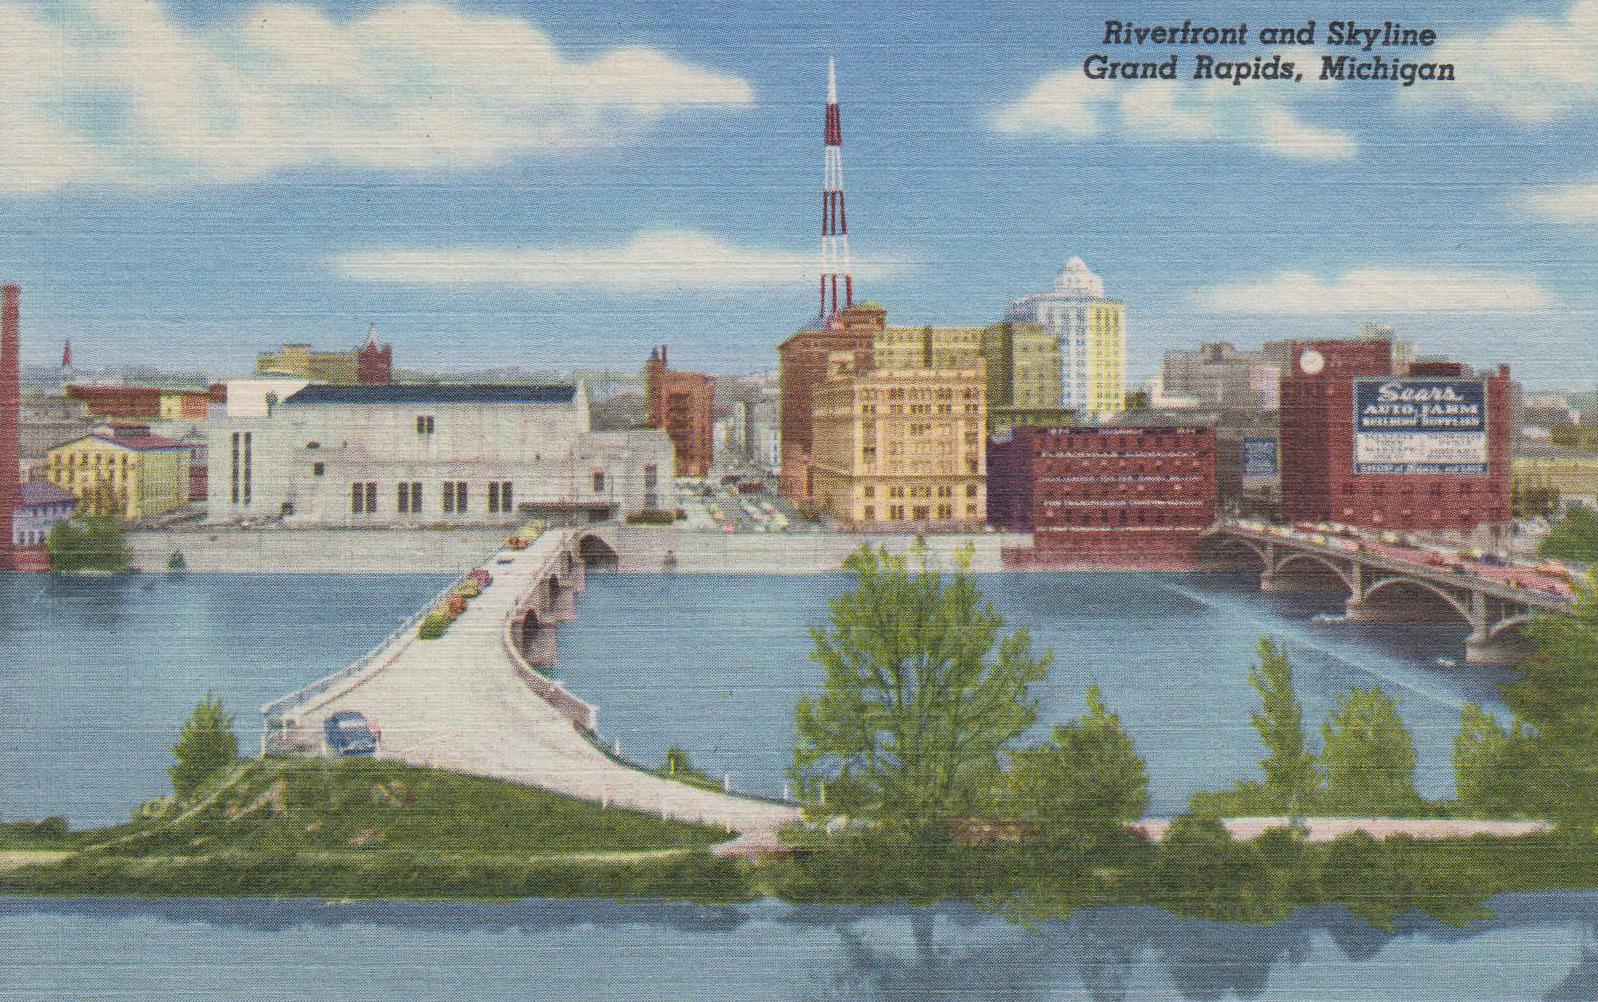 Riverfront and Skyline, Grand Rapids, MI - circa 1950